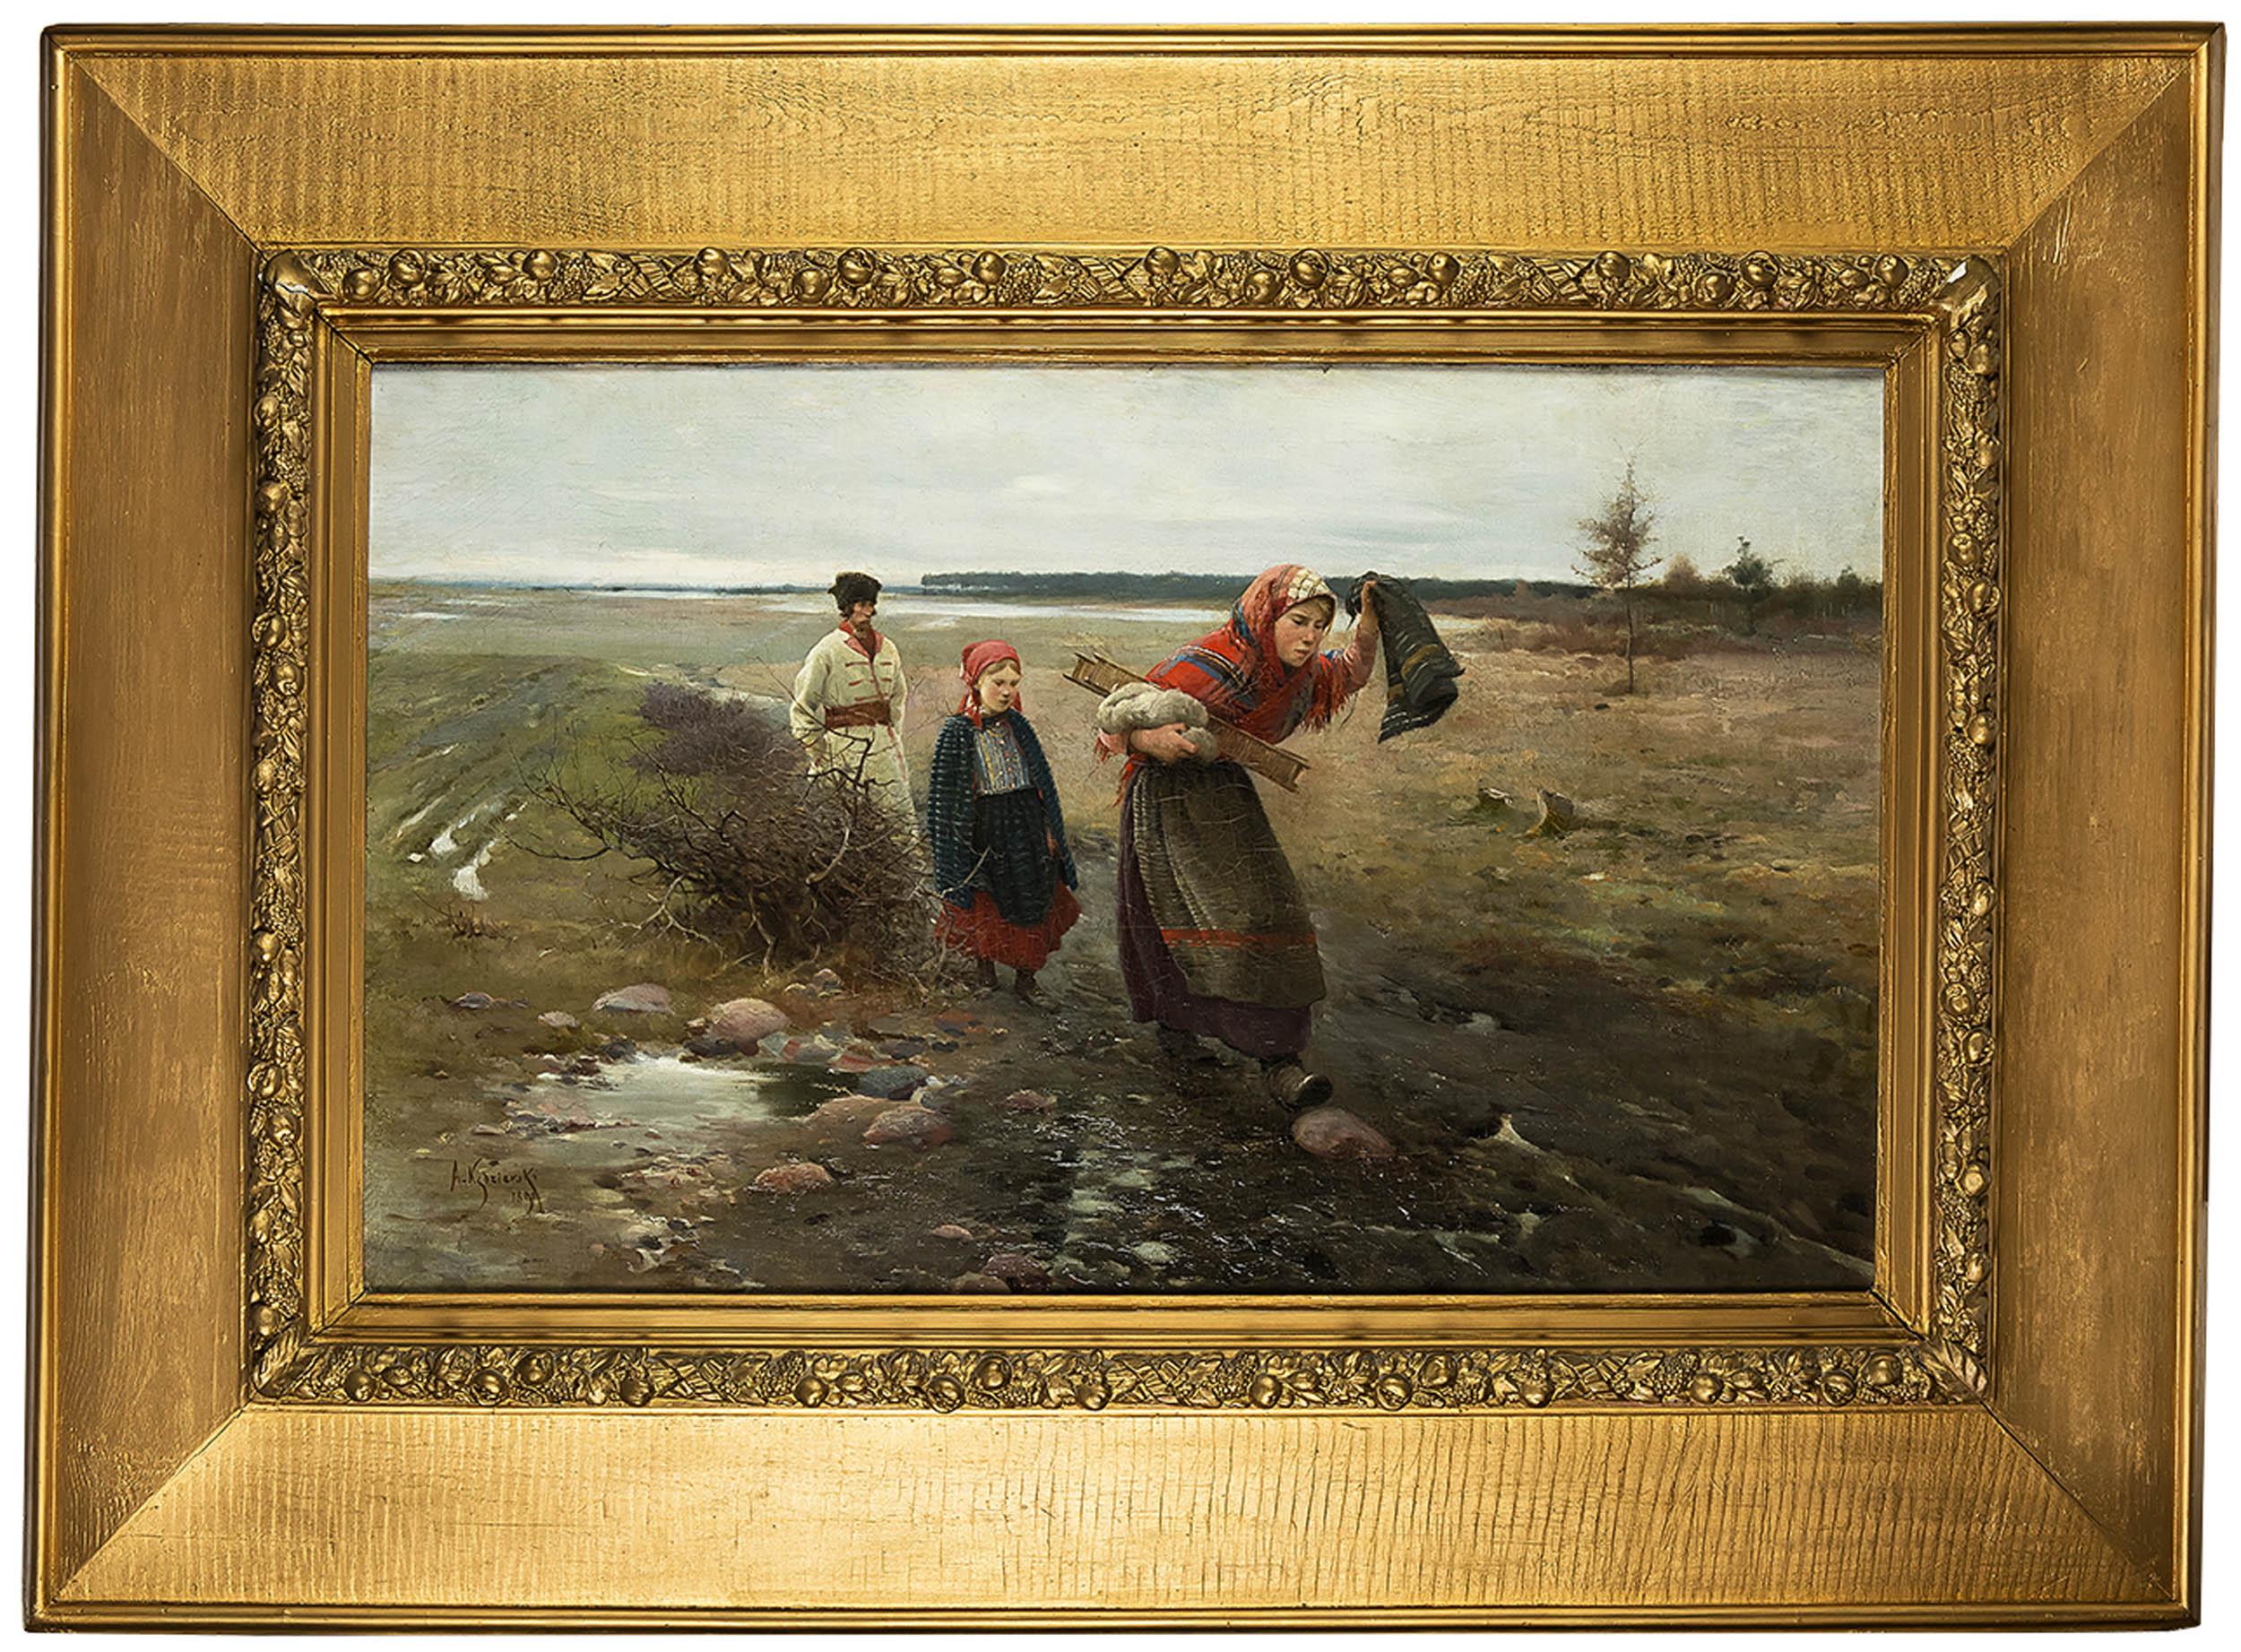 Apoloniusz Kędzierski | Na błotnistej drodze, 1890 r.